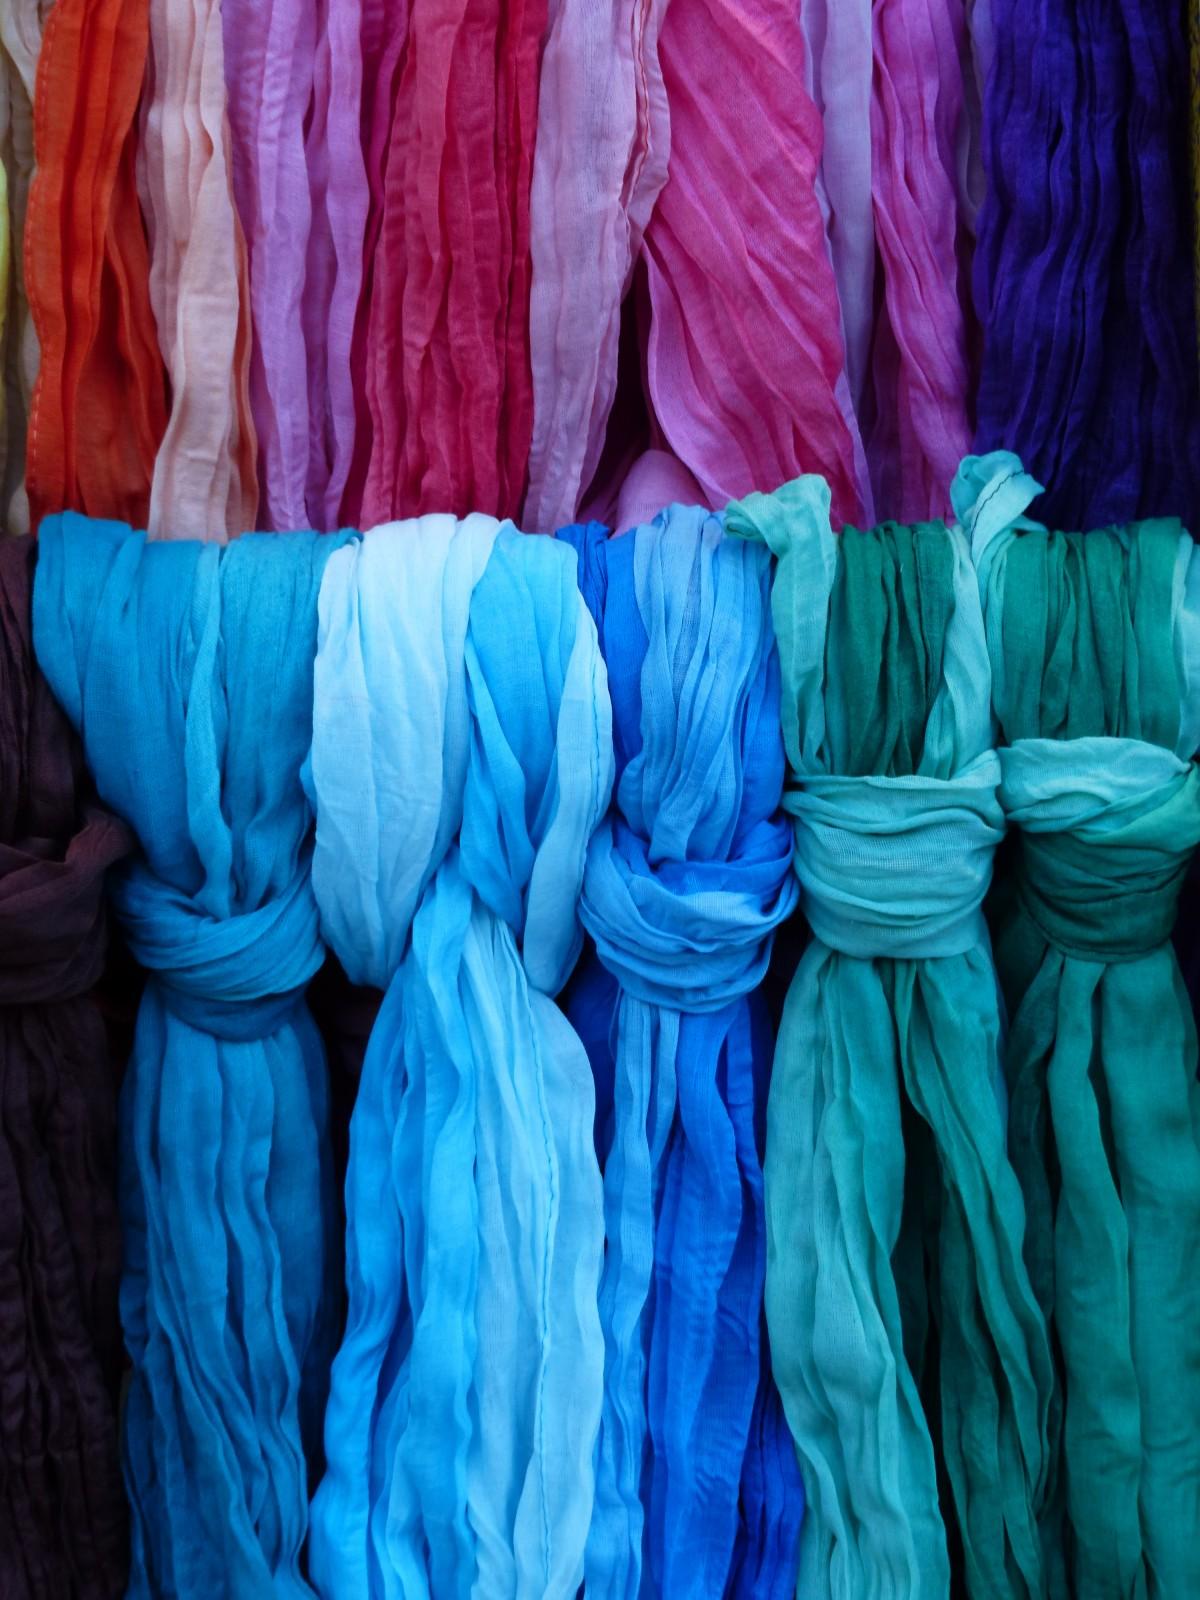 free images   shop  color  market  blue  clothing  boutique  textile  colour  dress  fabrics